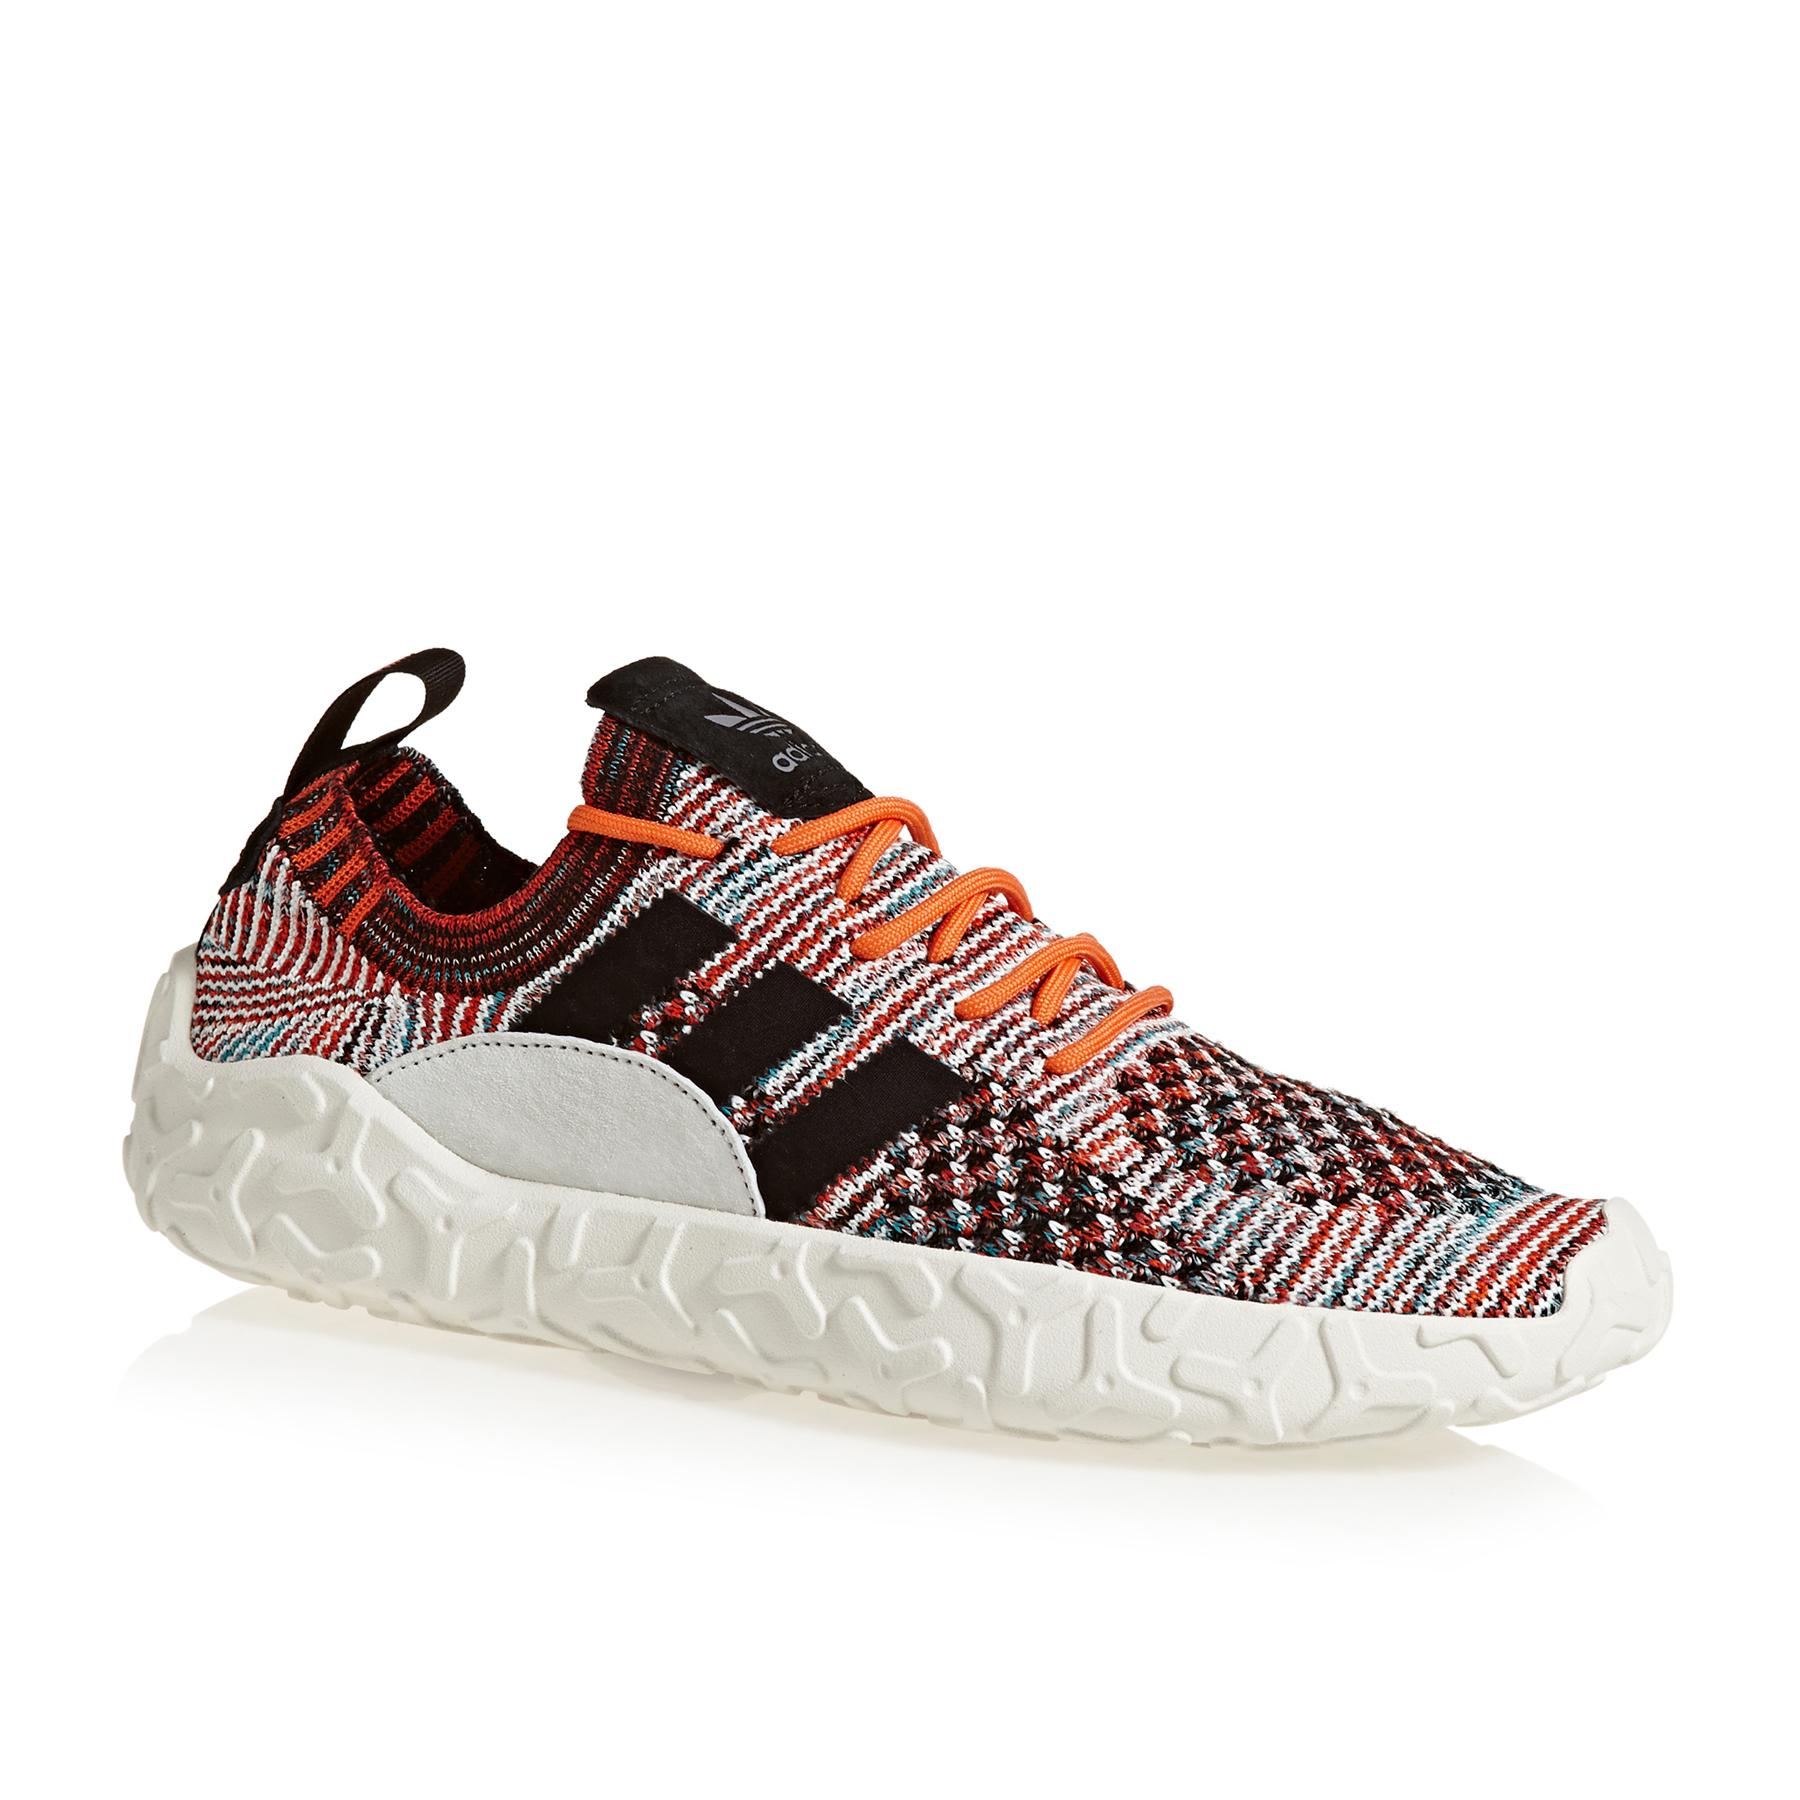 Adidas Originals F22 Pk Schuhe | Kostenlose Lieferung